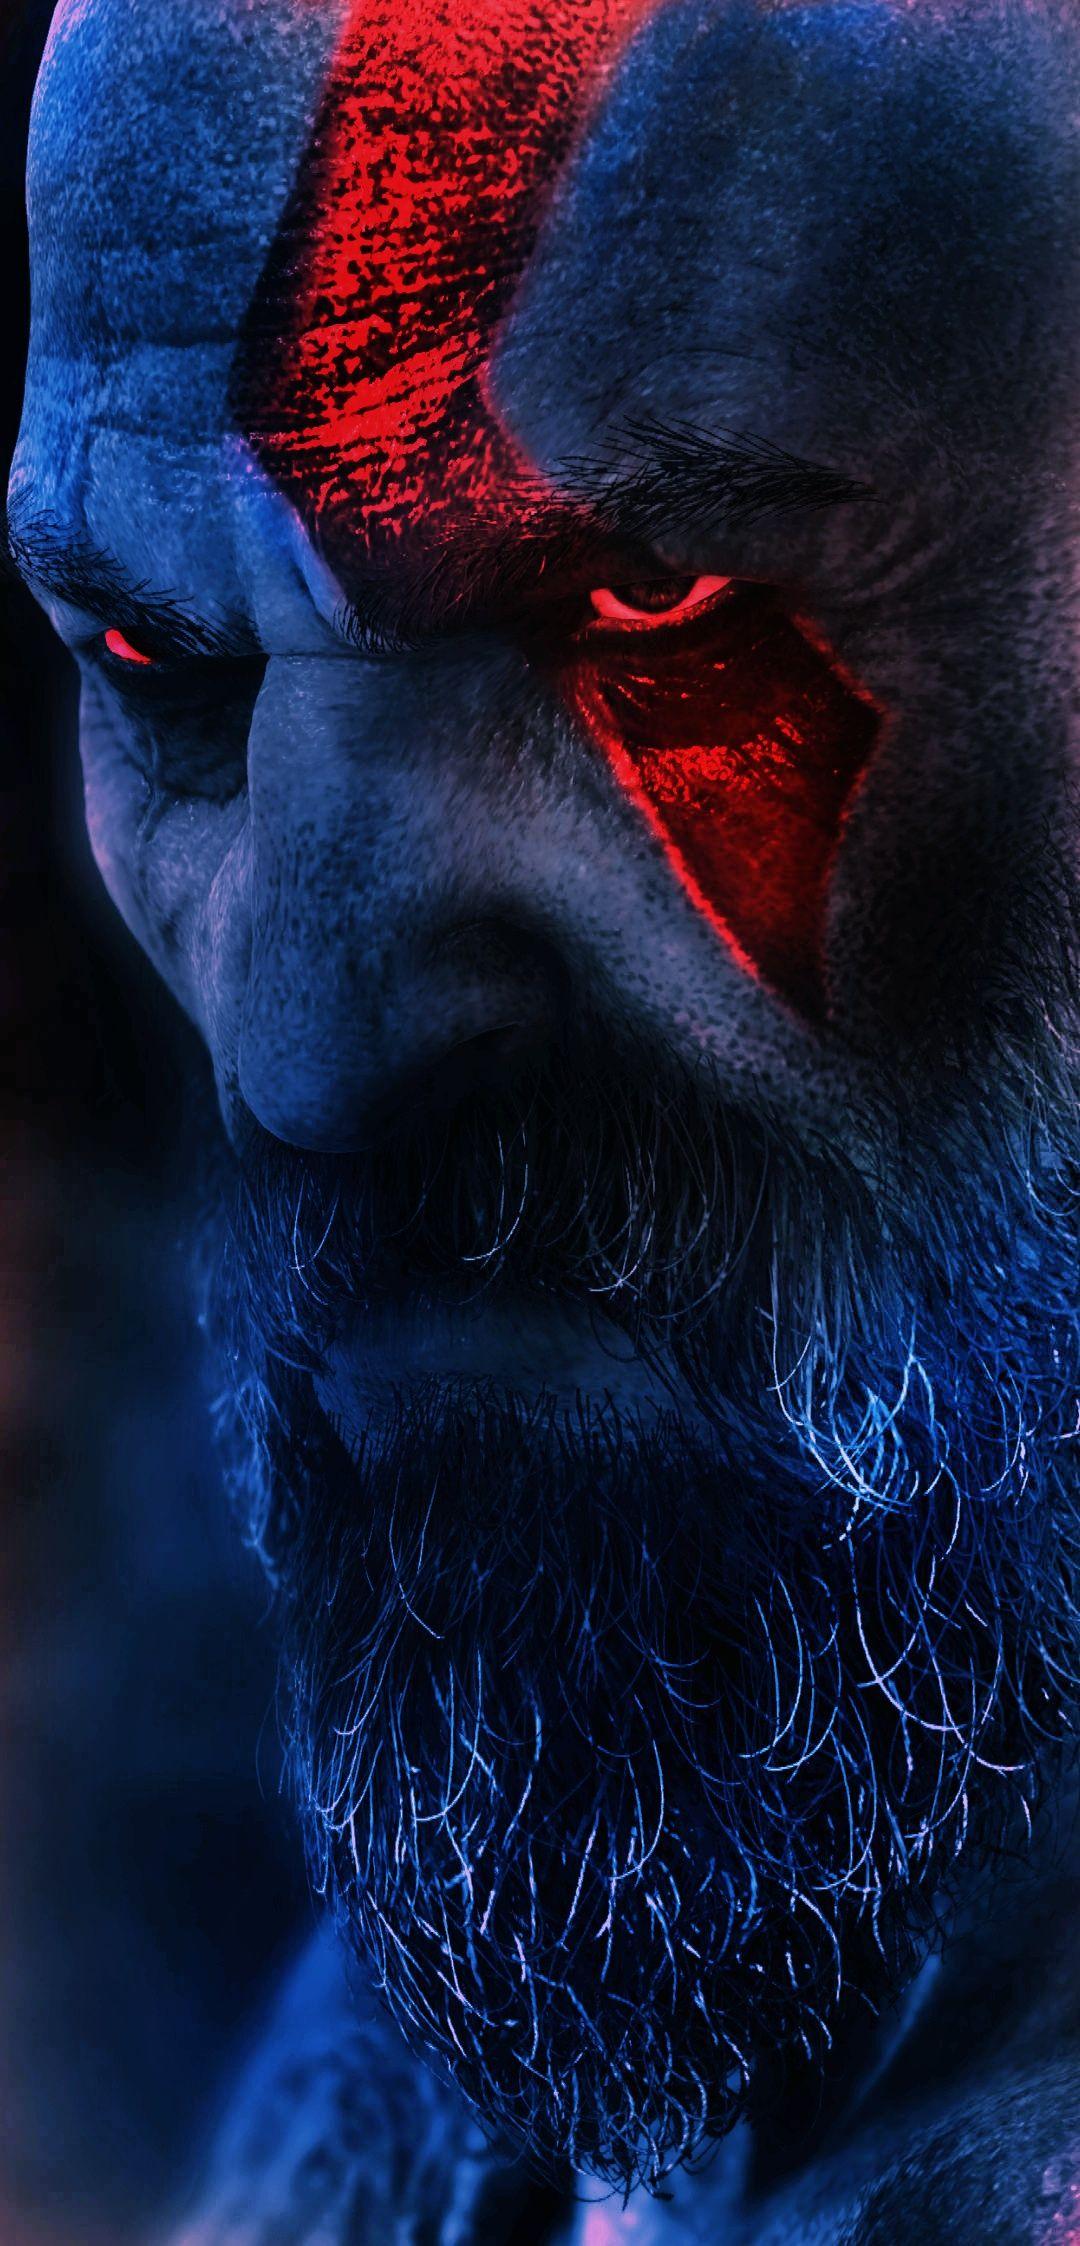 God Of War Mobile Wallpaper In 2020 Kratos God Of War God Of War God Of War Series